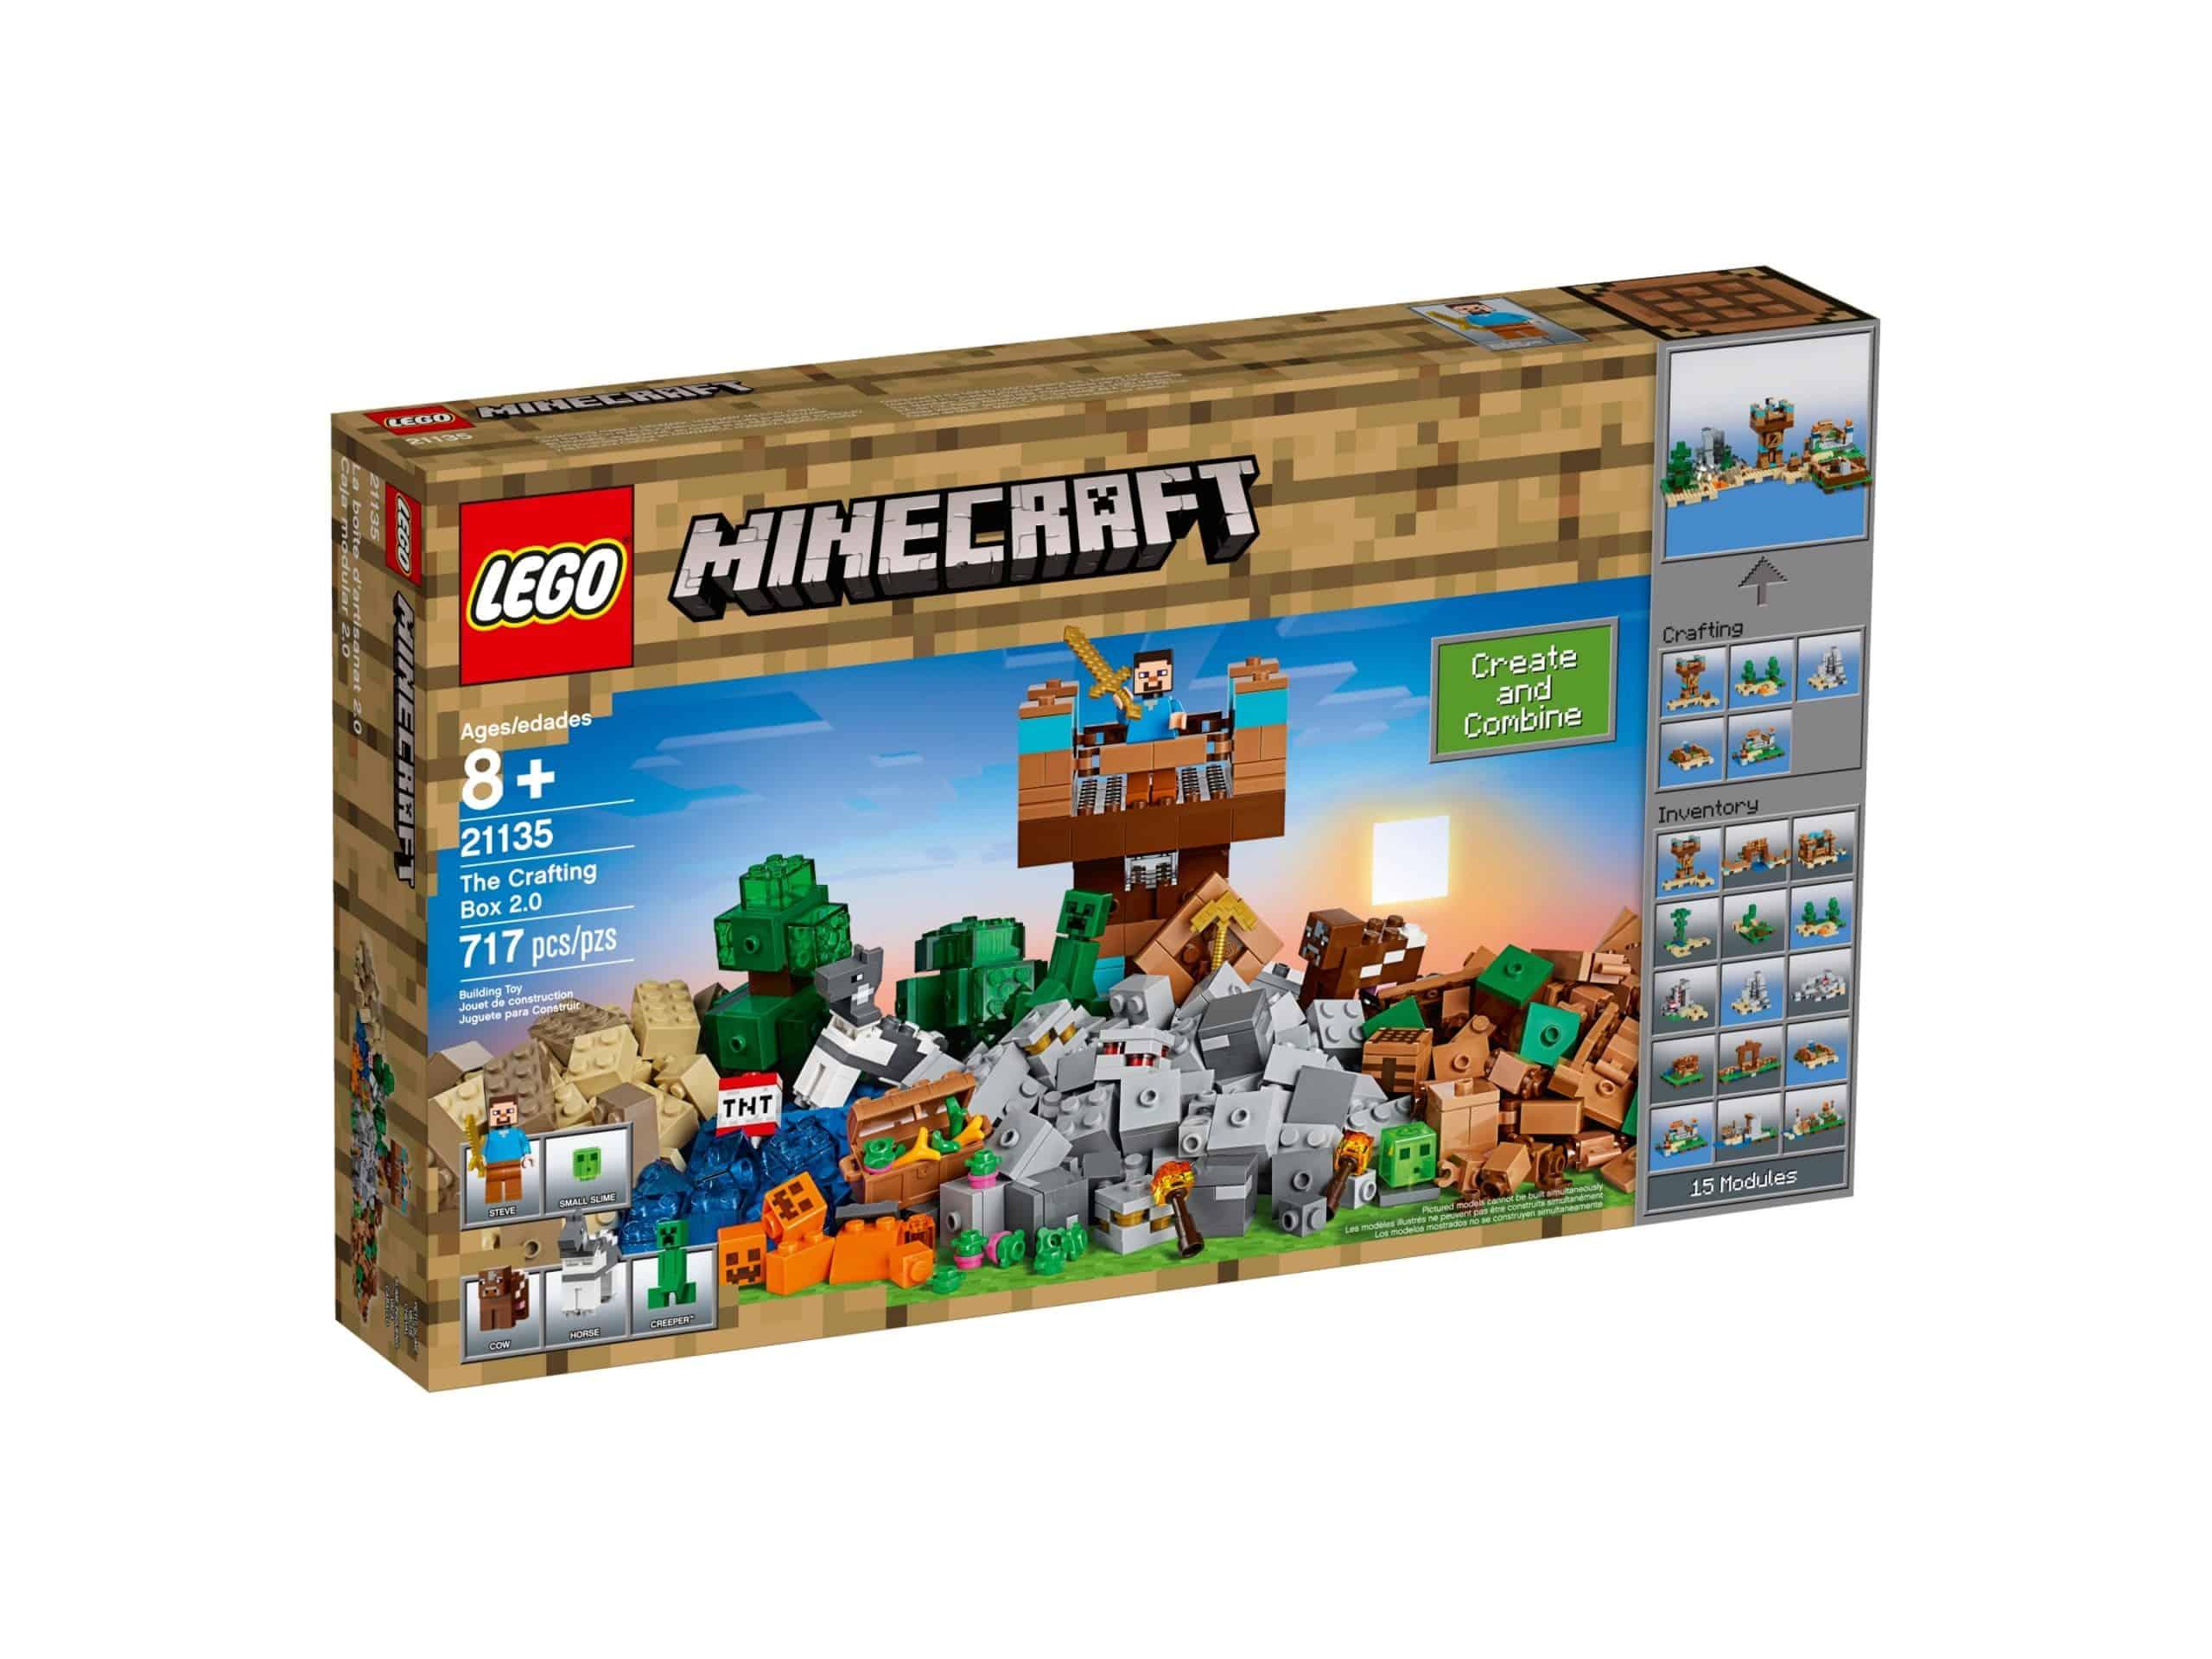 lego 21135 die crafting box 2 0 scaled